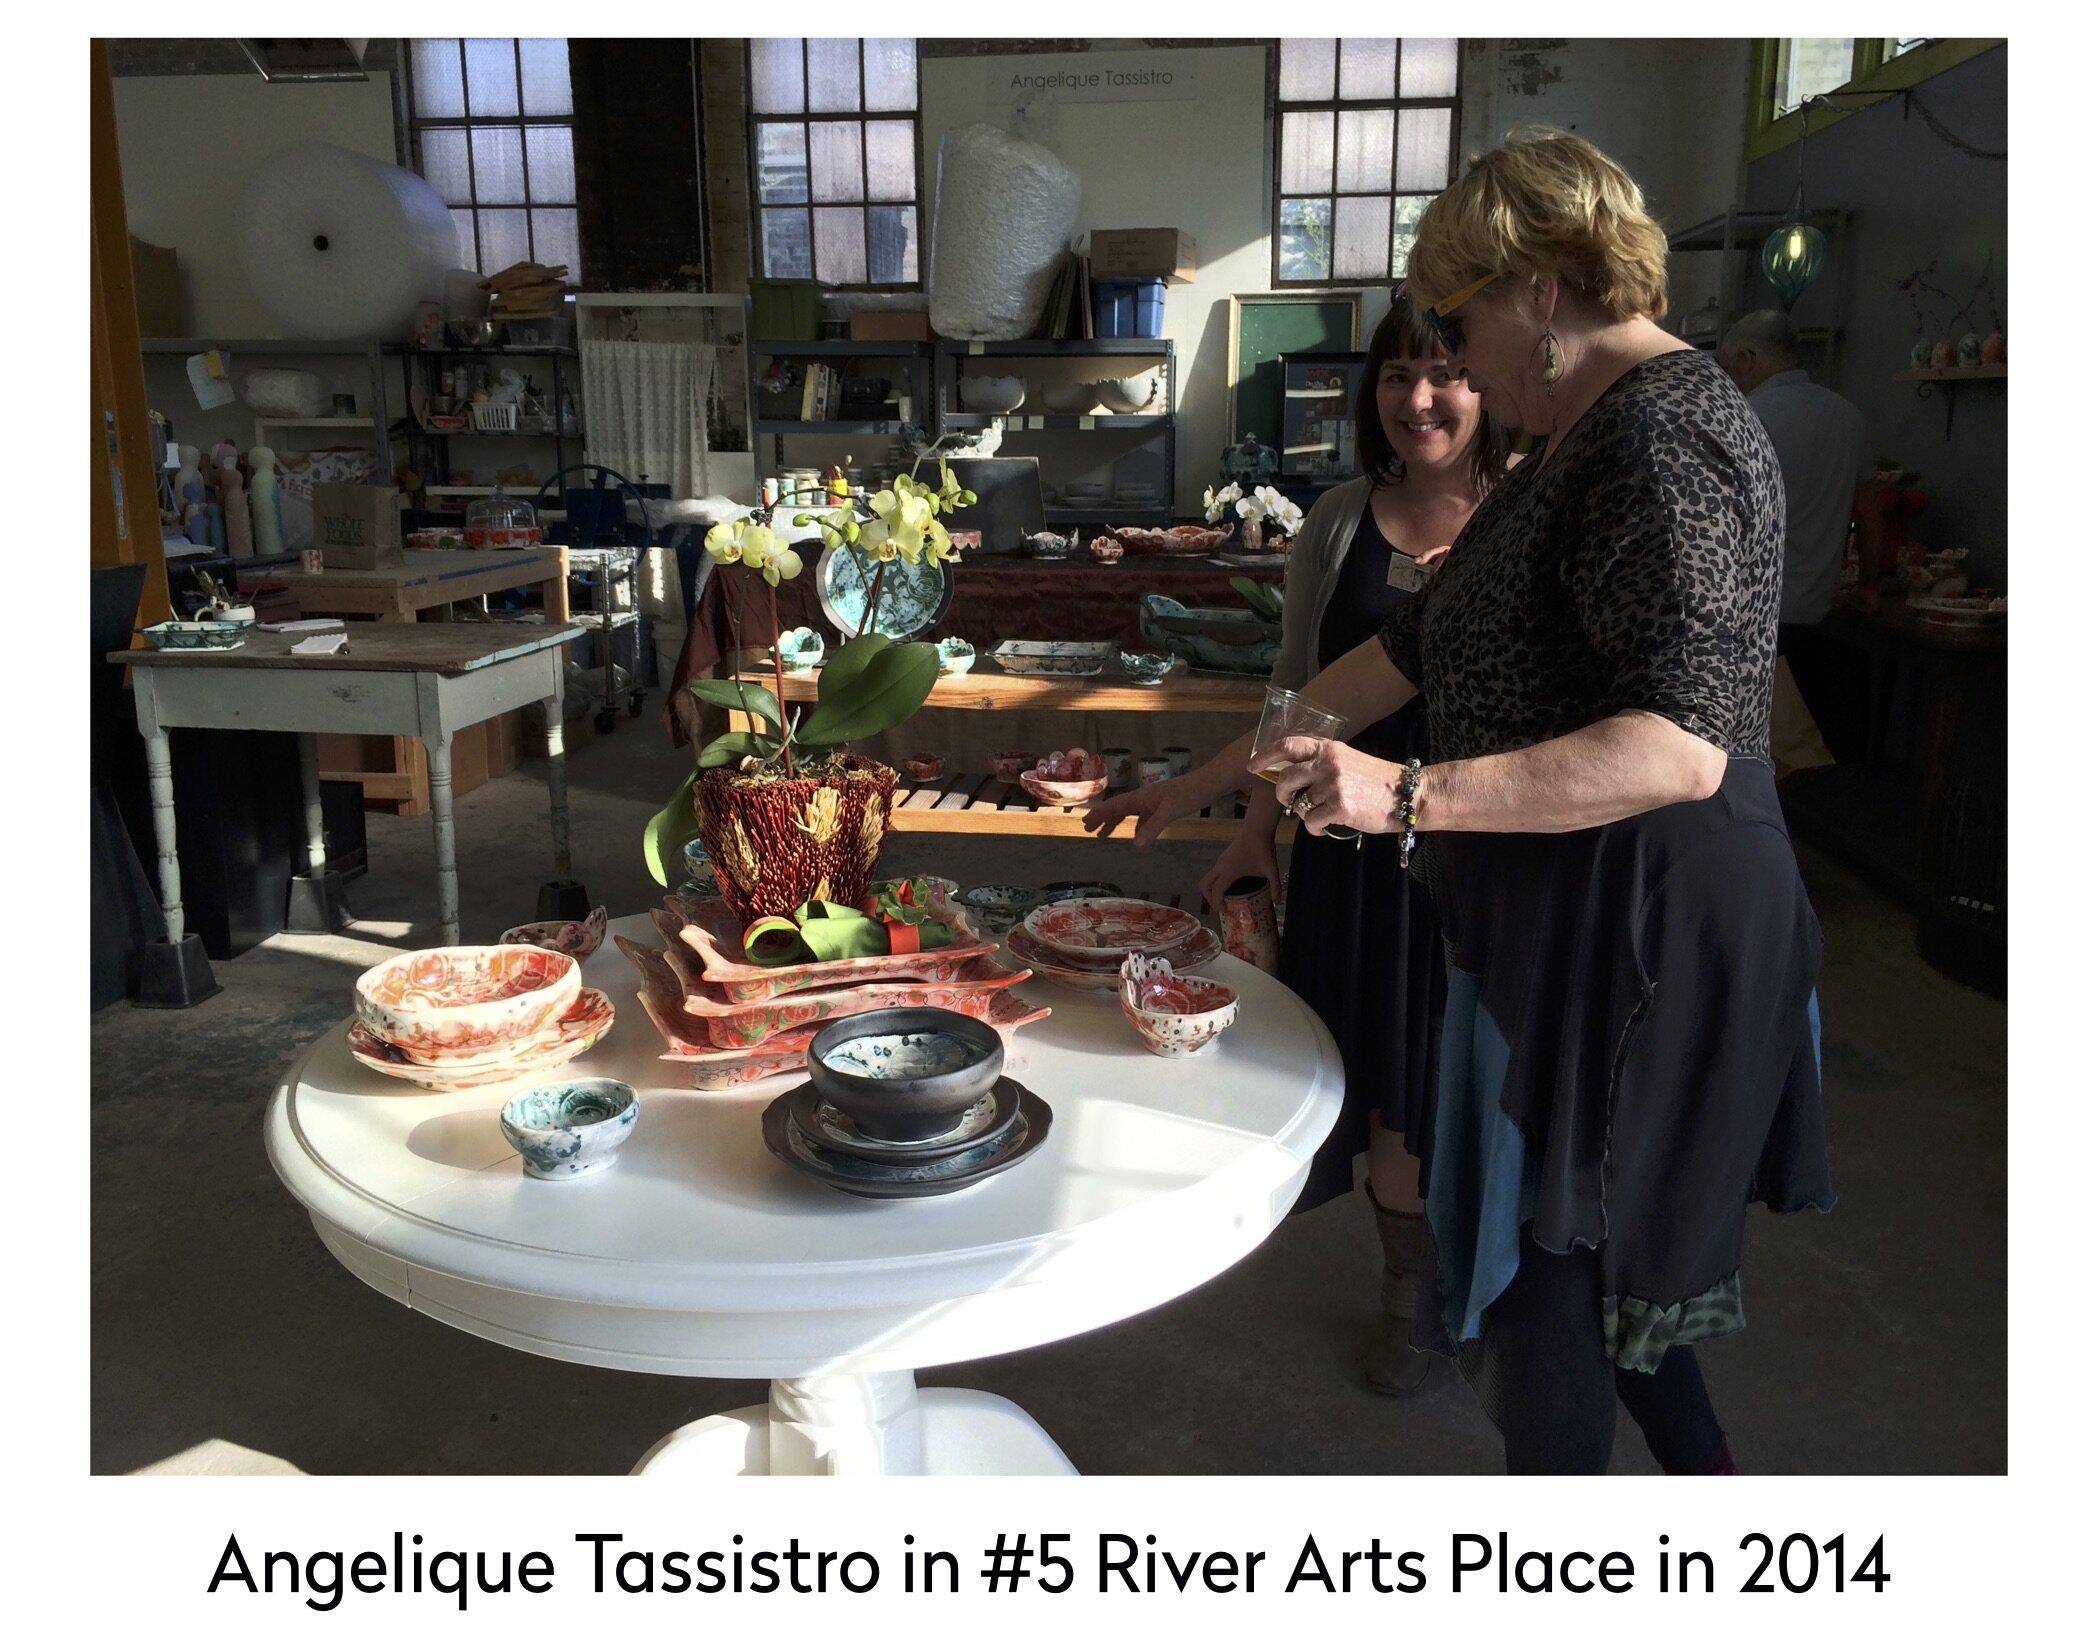 angelique in studio in 2014.jpg